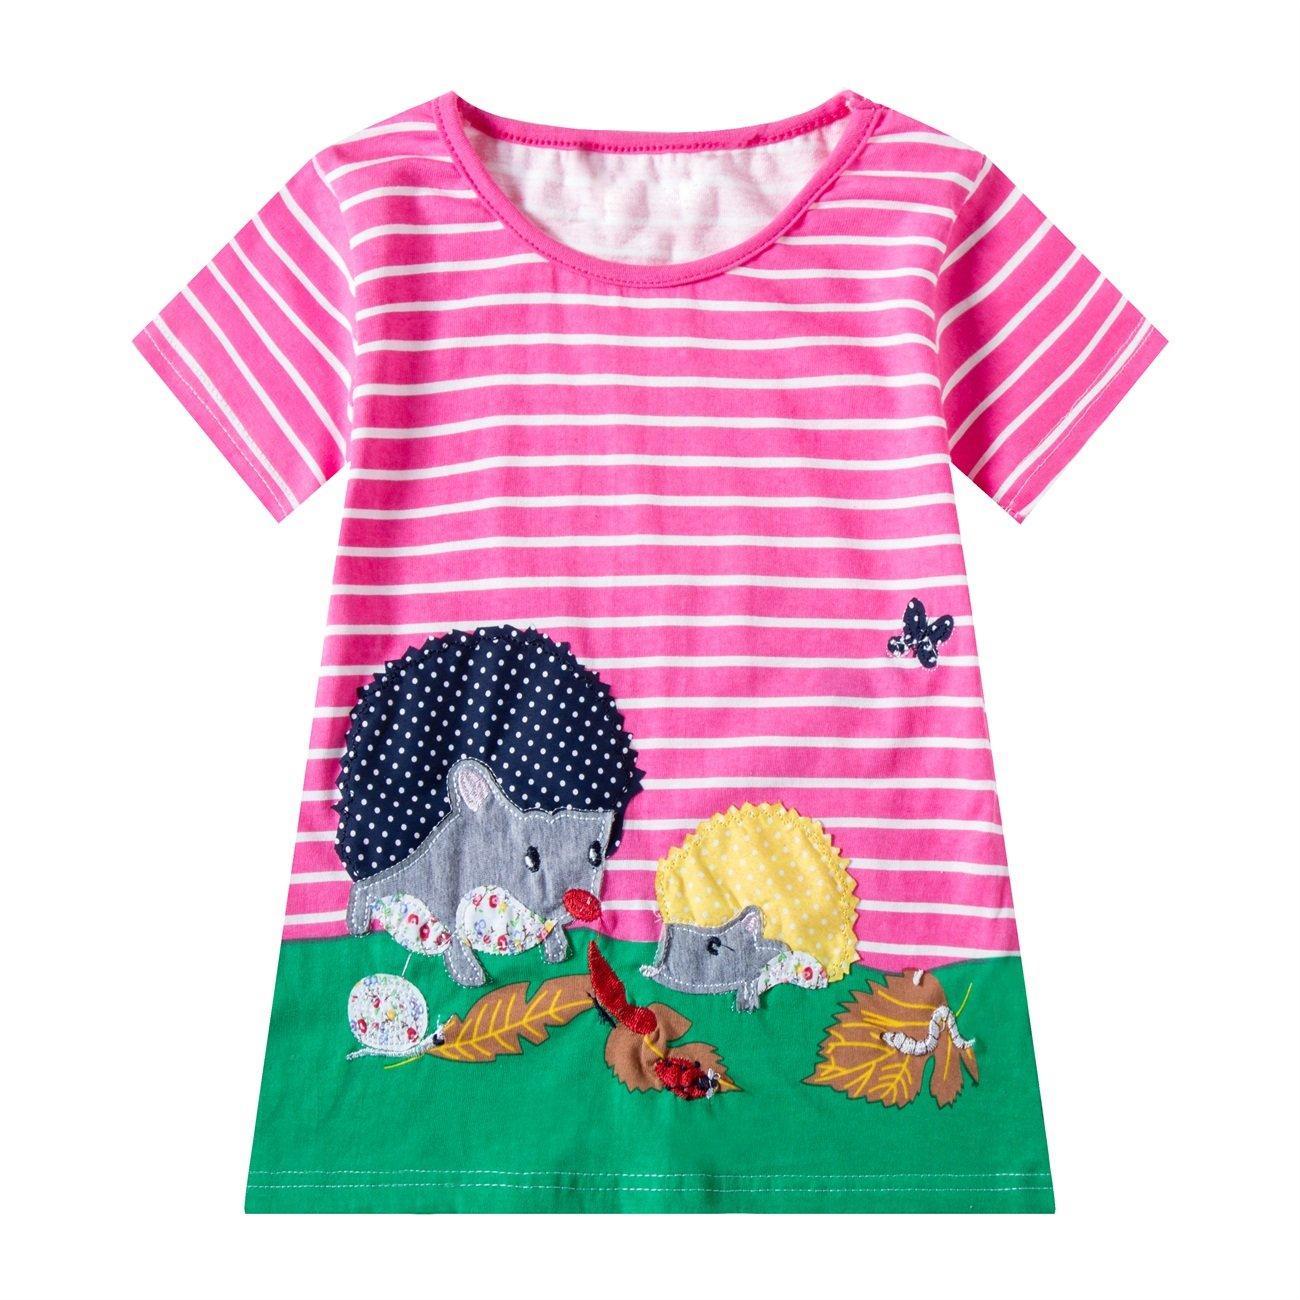 Huata Little Girls Short Sleeve Casual T-Shirt Dresses (2T, Pink)